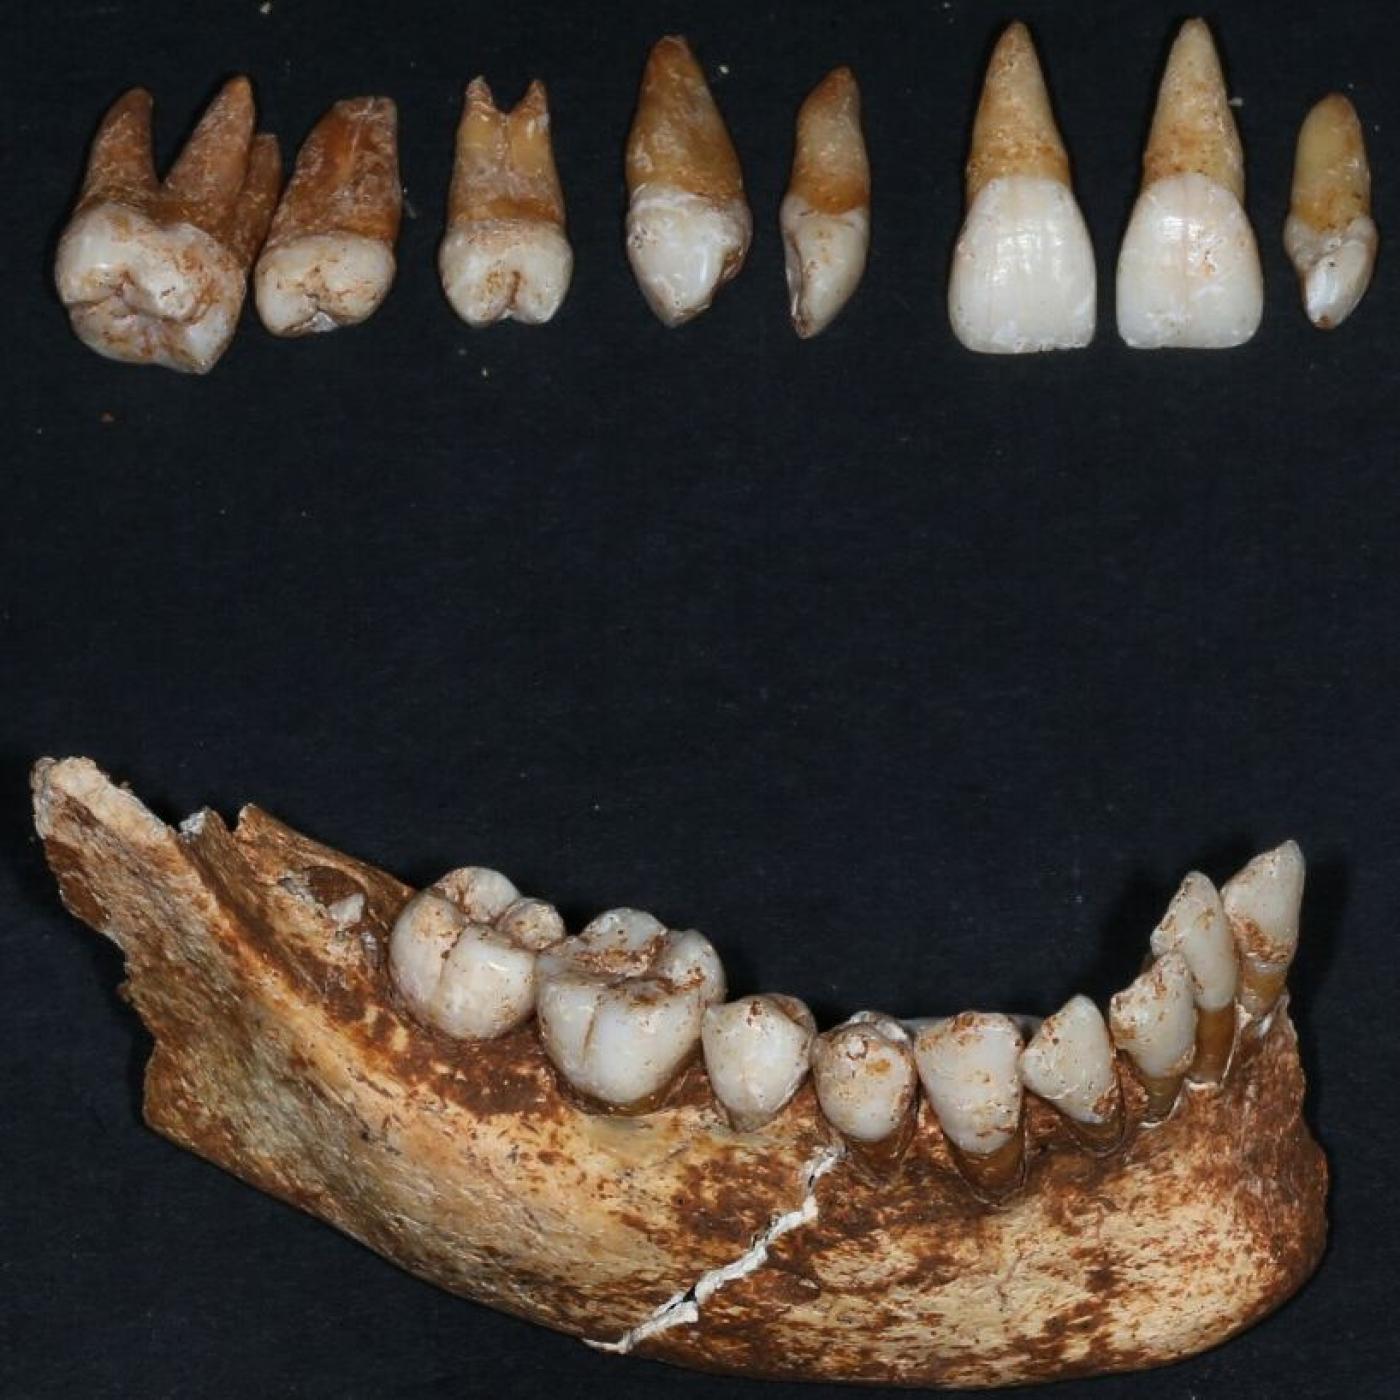 La dentadura de nuestras antepasados